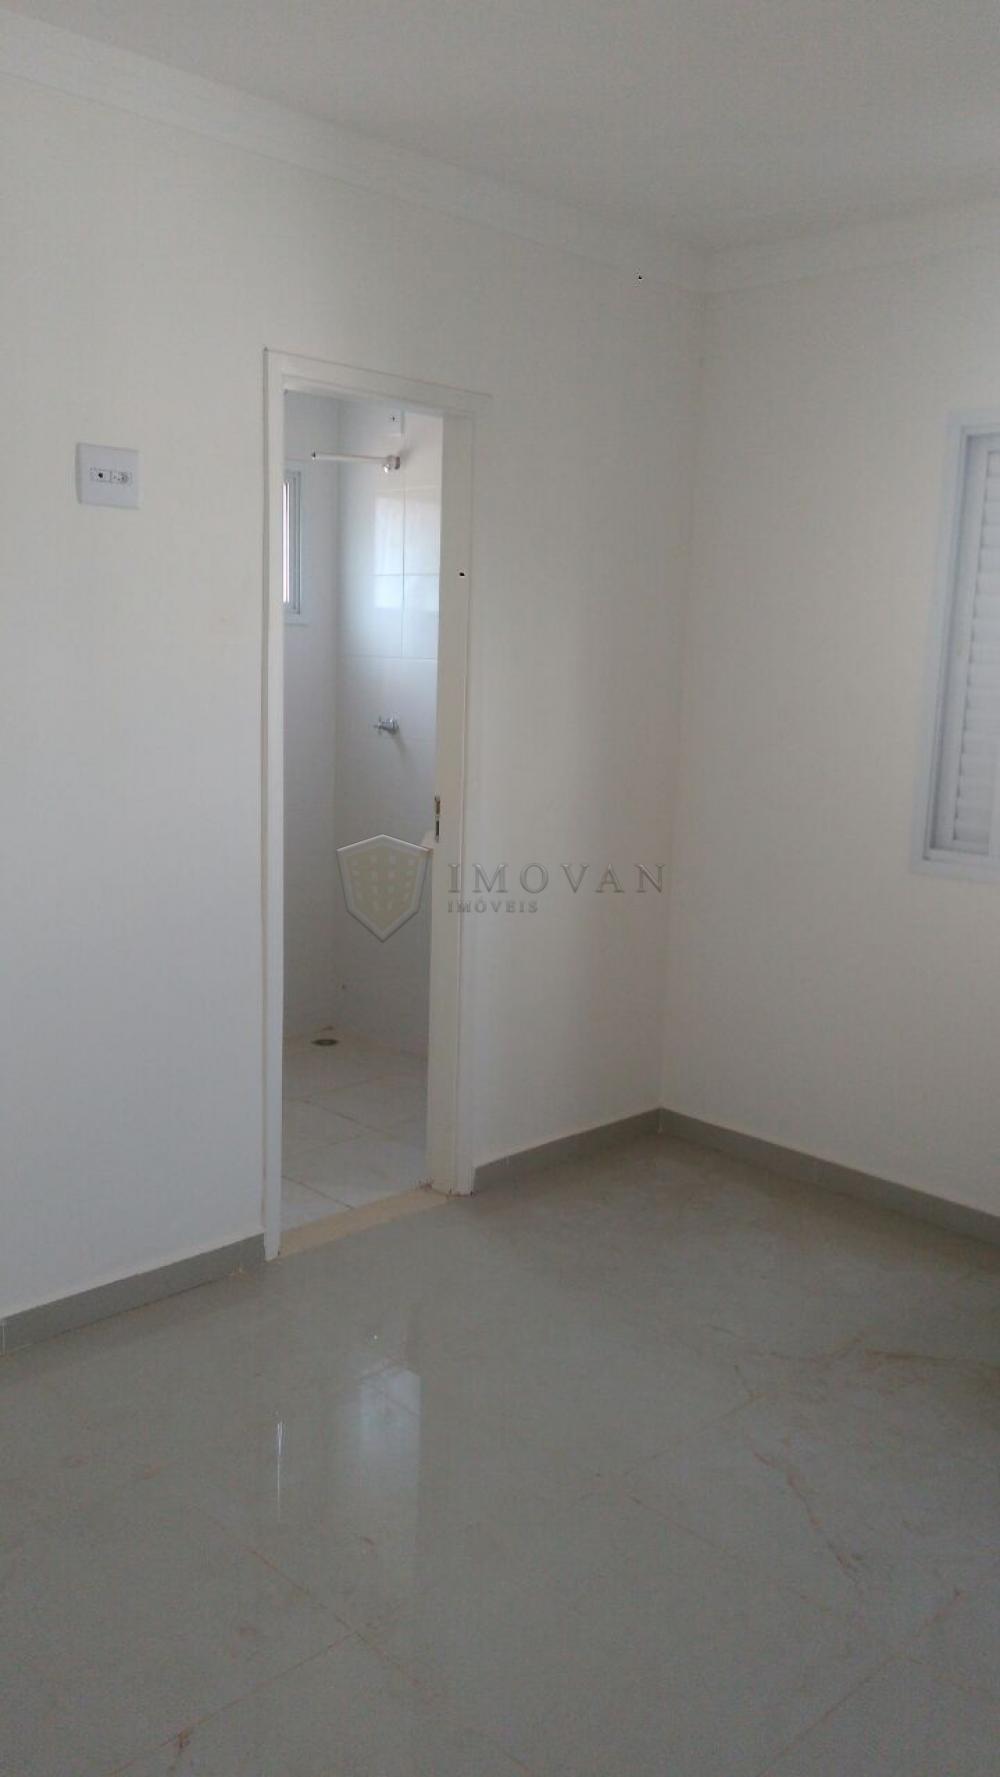 Comprar Apartamento / Padrão em Ribeirão Preto apenas R$ 255.000,00 - Foto 8